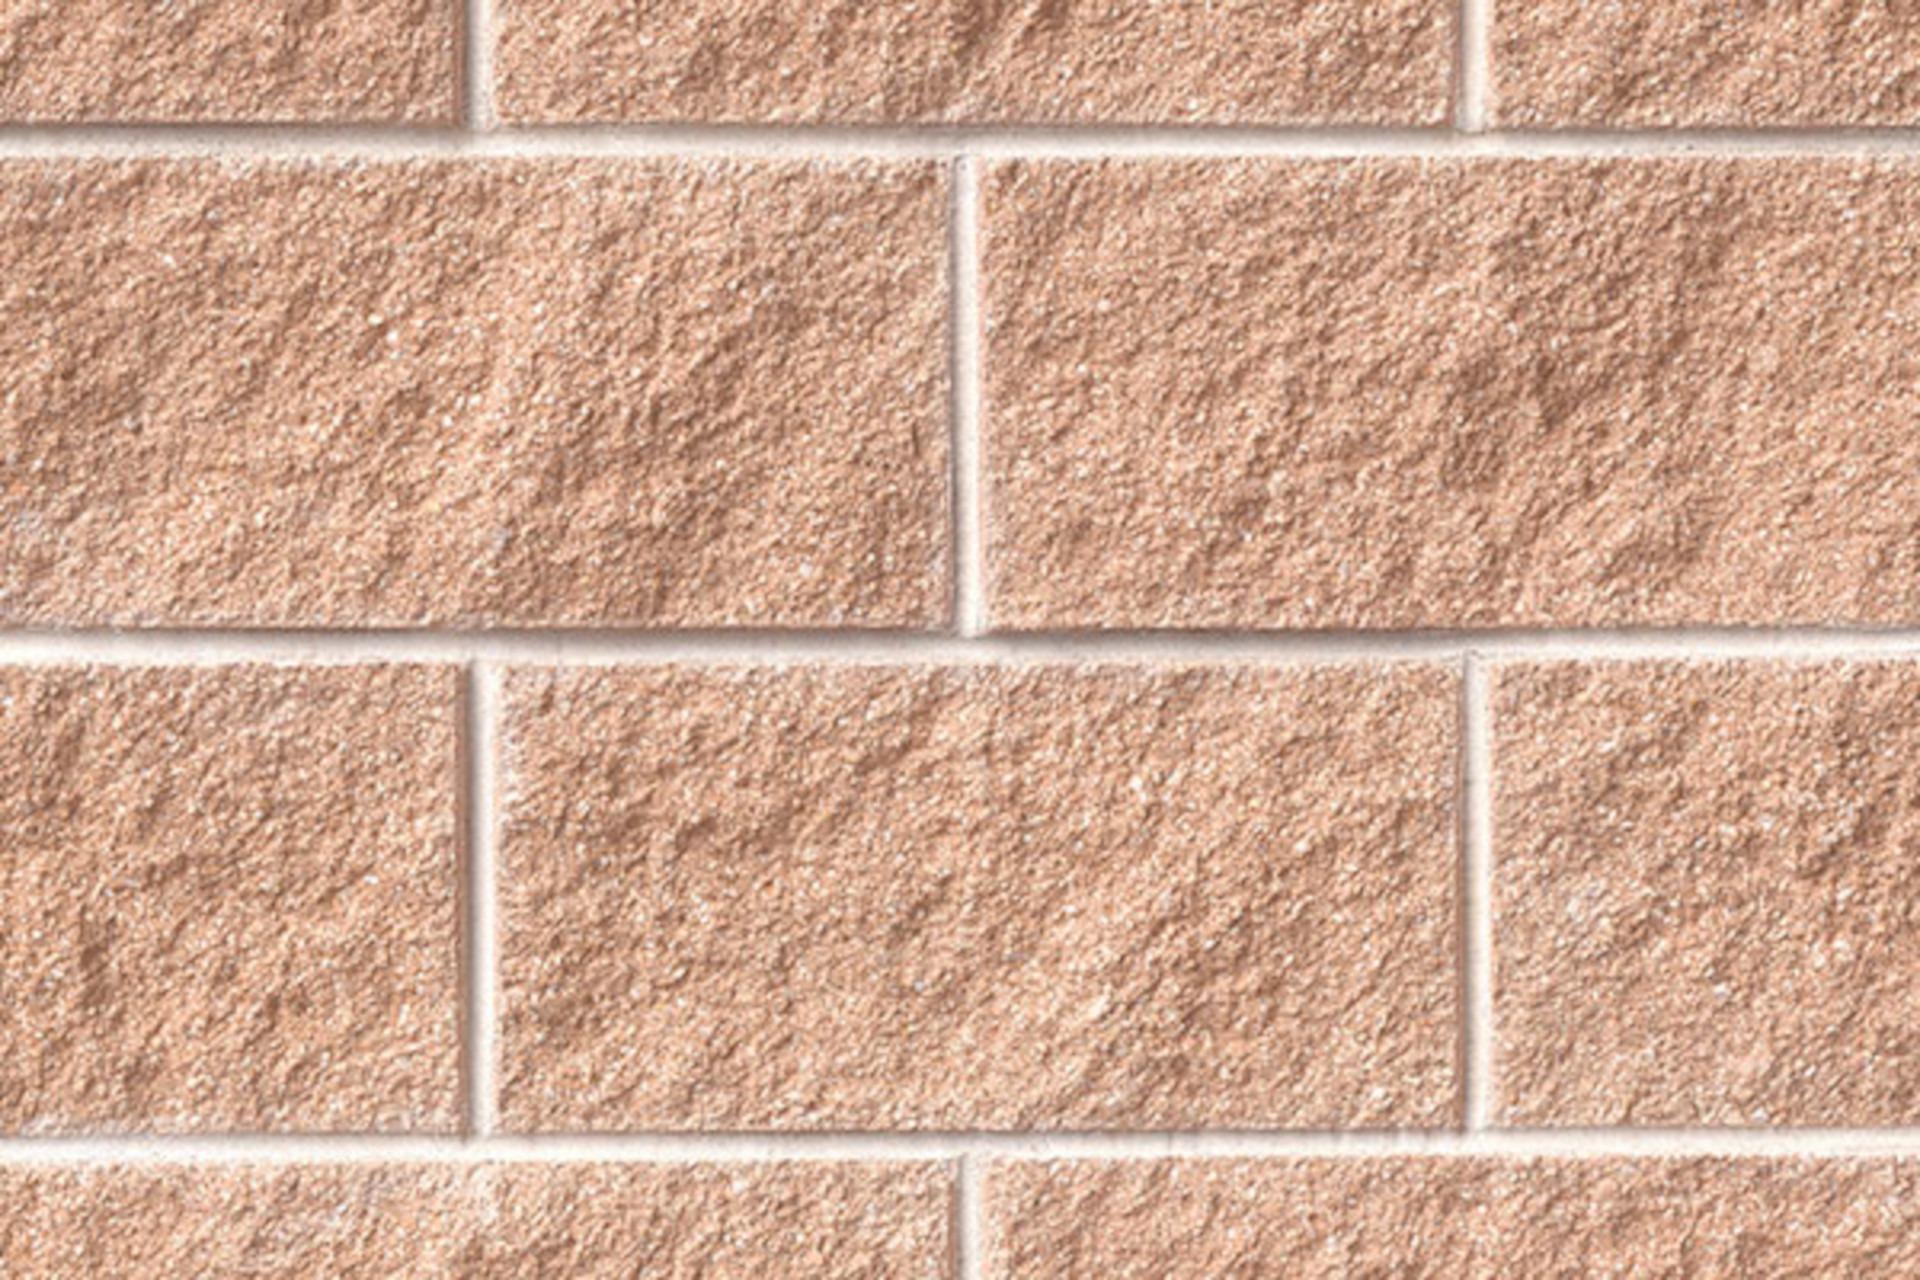 240 Sienna Concrete Block